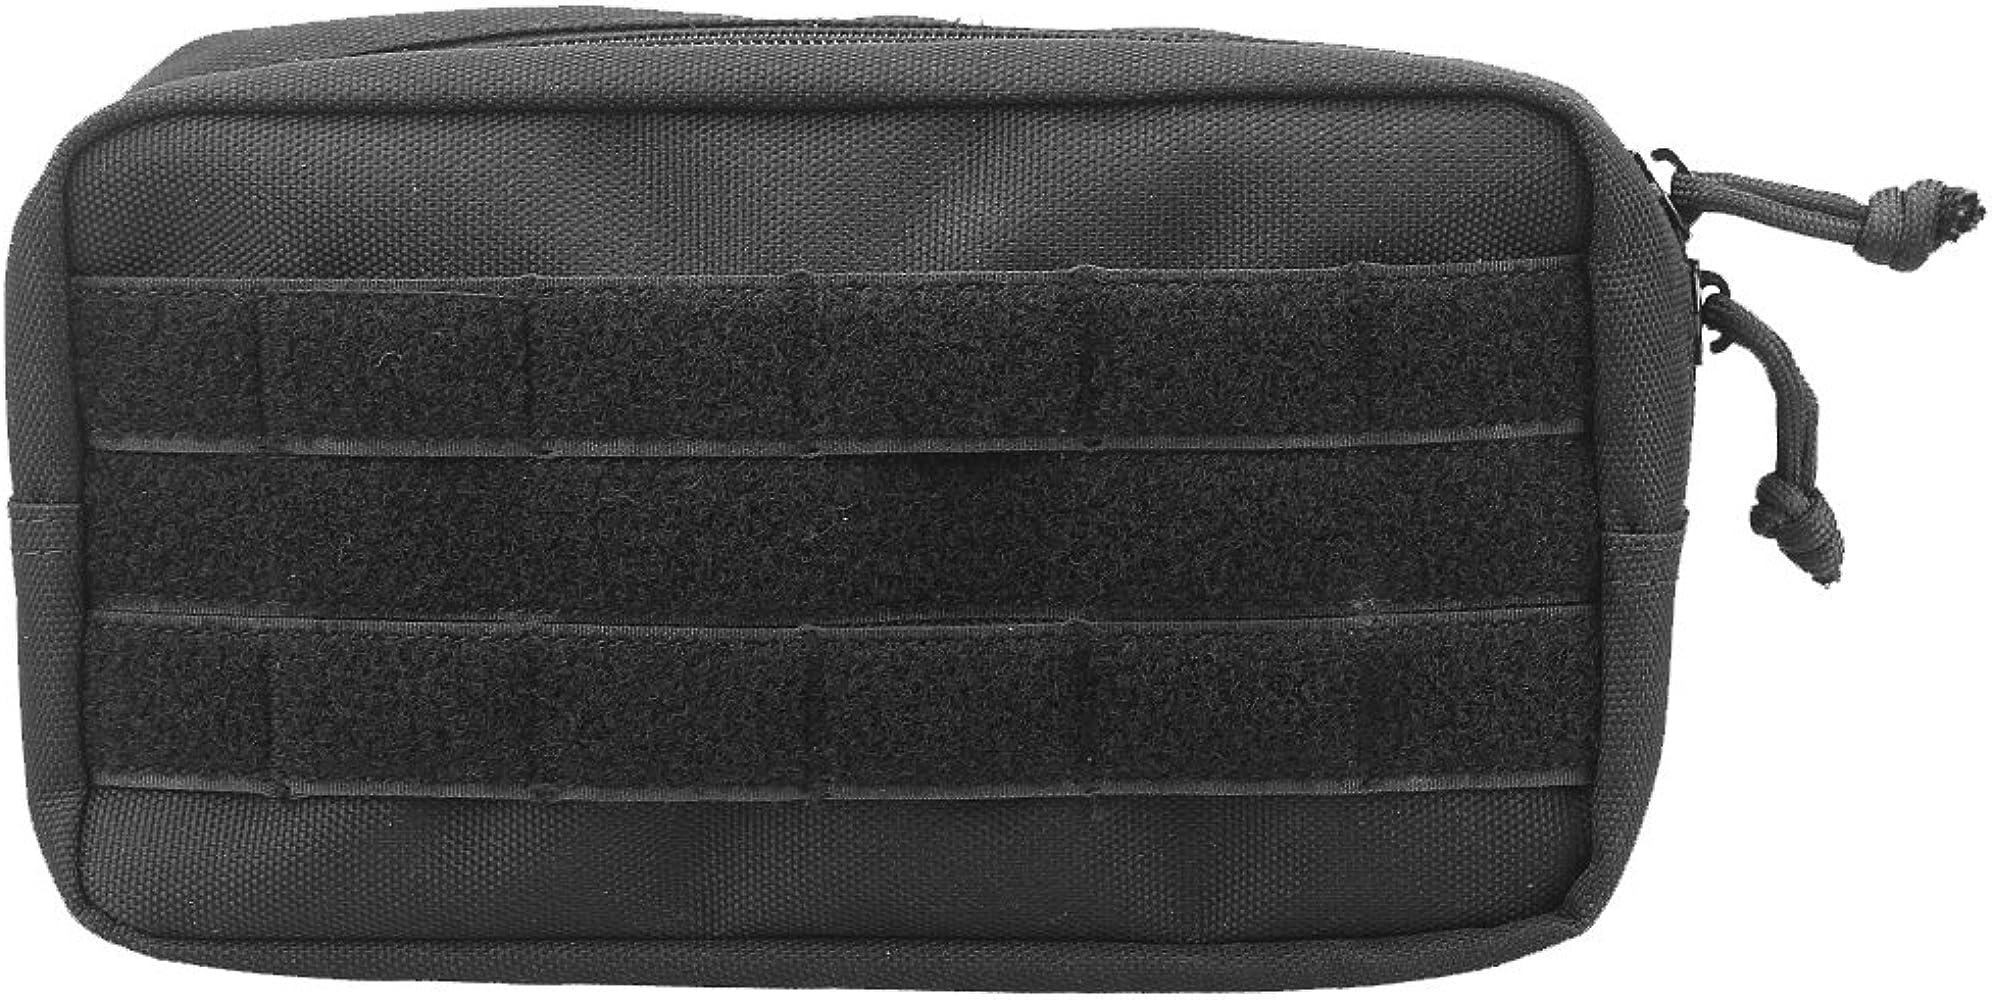 Marron Nobranded Molle System Utility Tool Bag Pochette de Premiers Soins pour T/él/éphone dargent